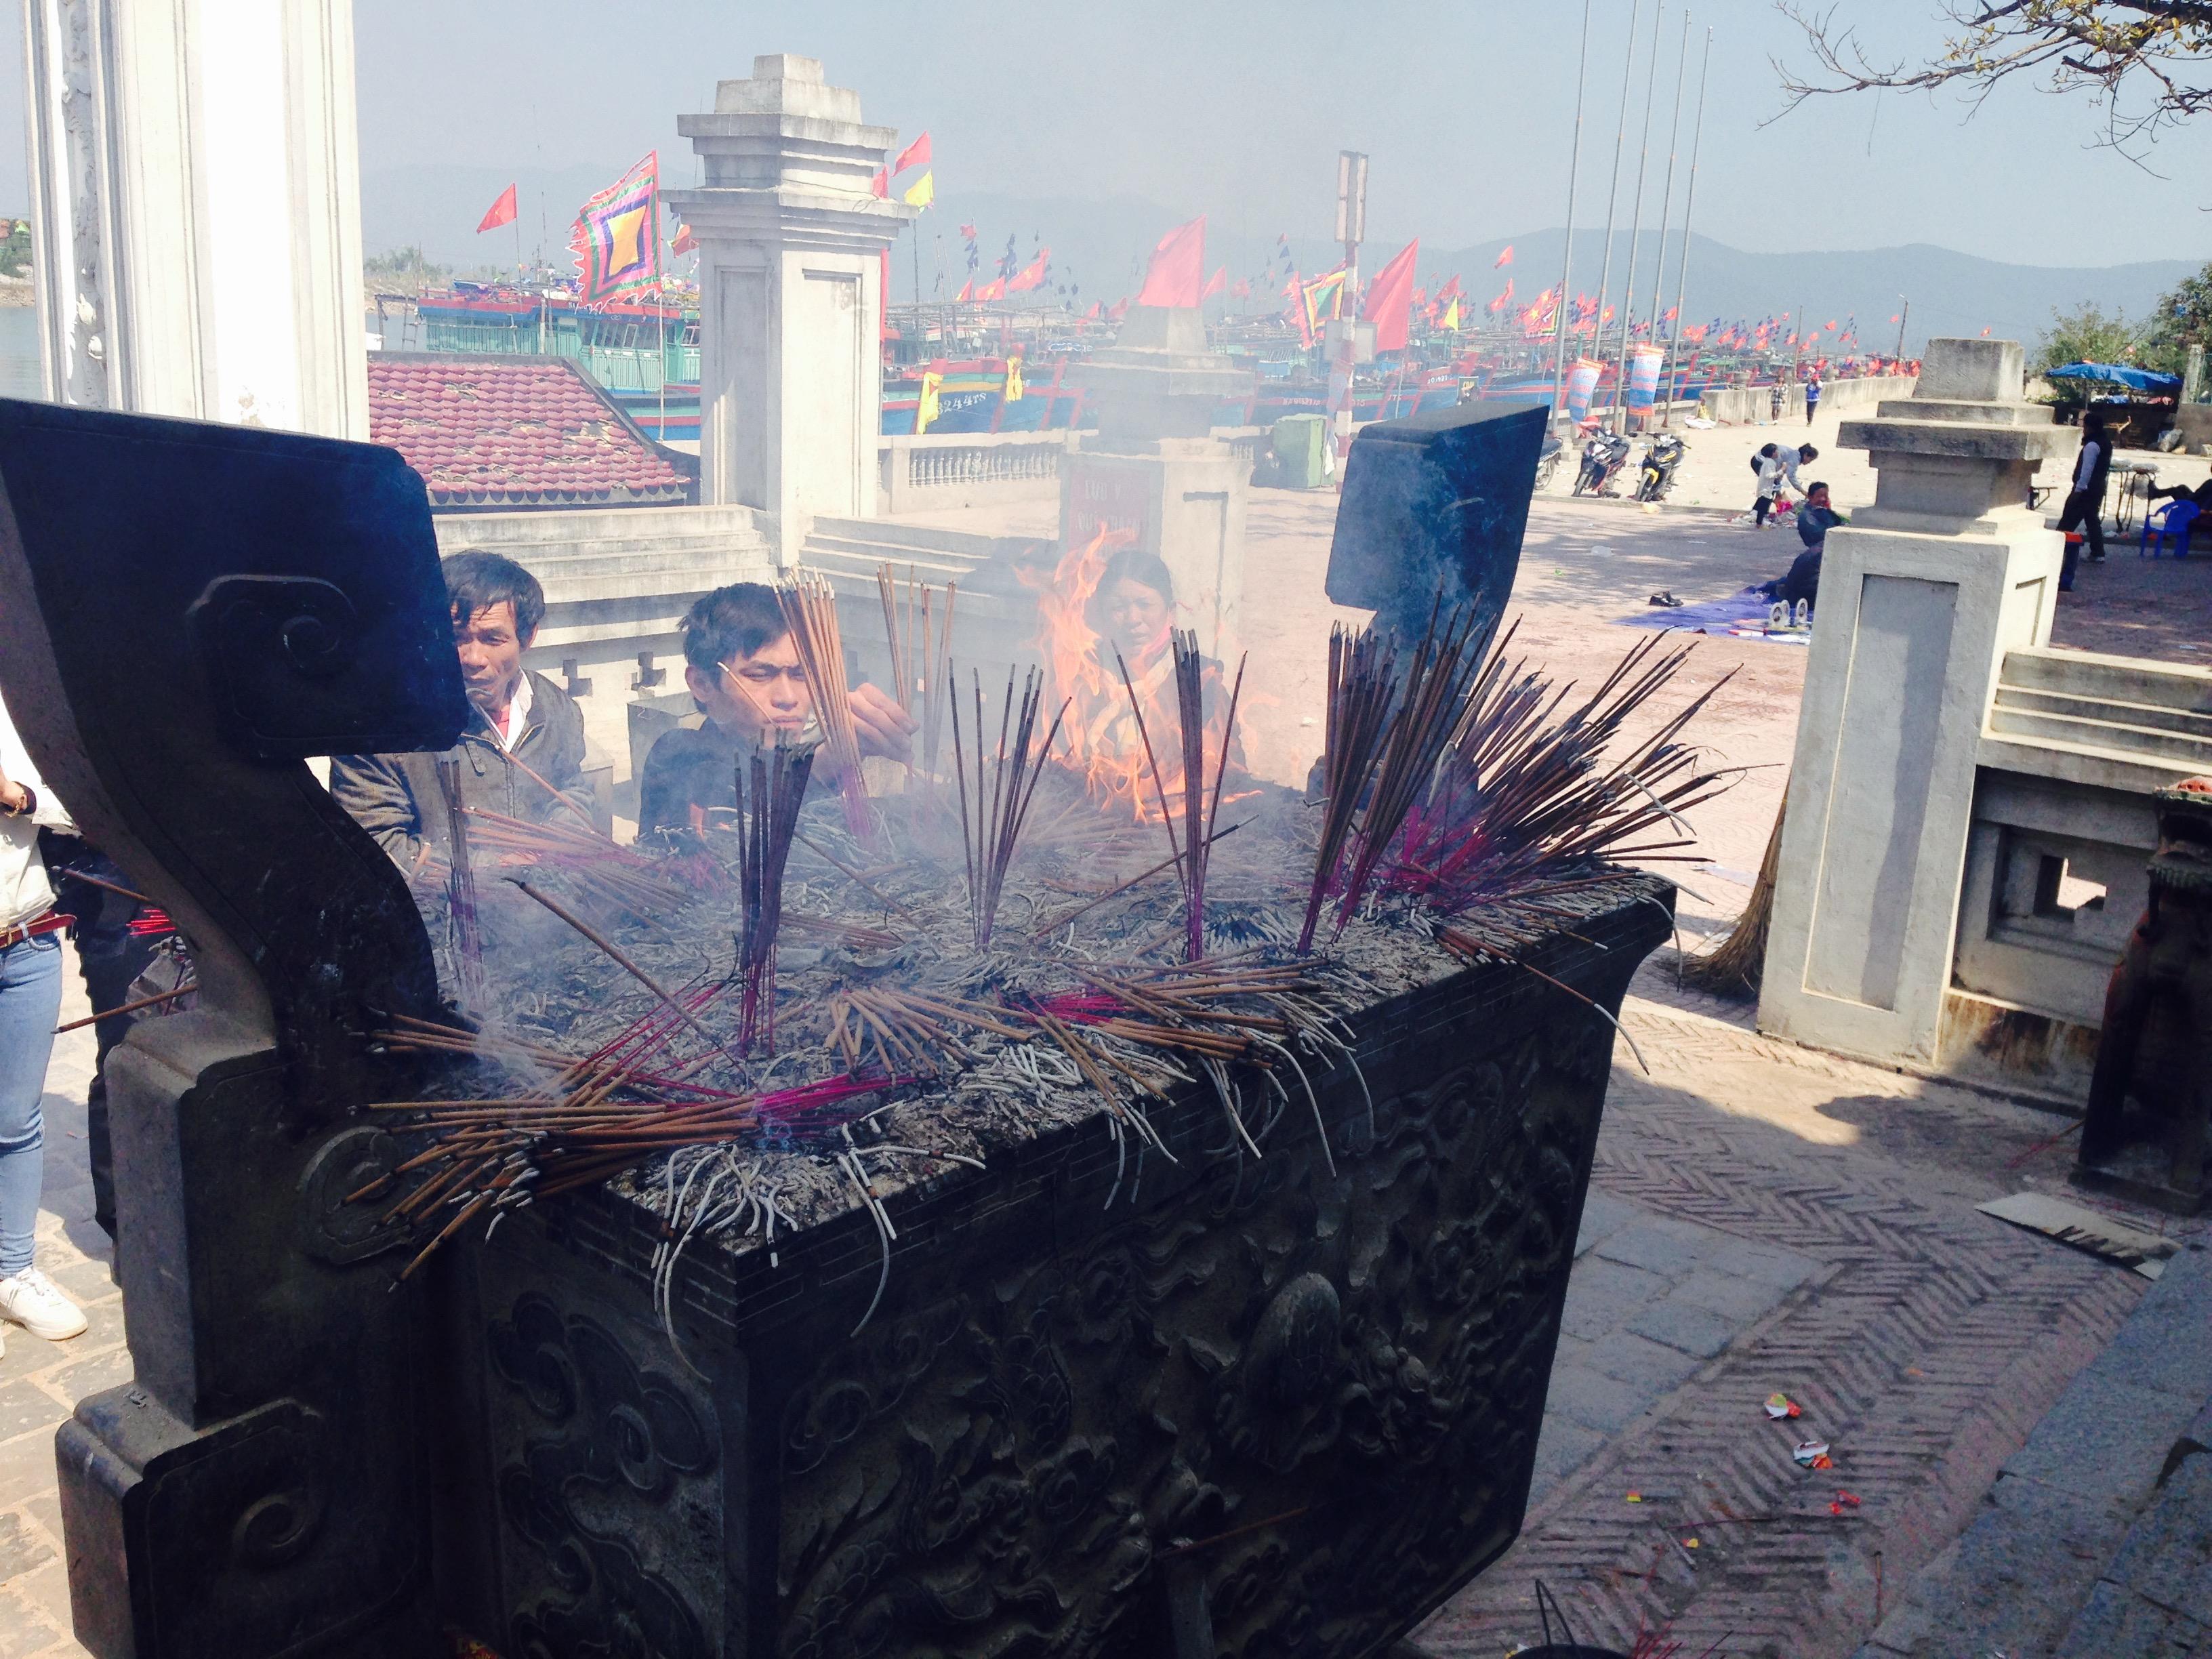 Phản cảm cảnh lễ bái lộn xộn tại ngôi đền nổi tiếng linh thiêng đất Nghệ 1